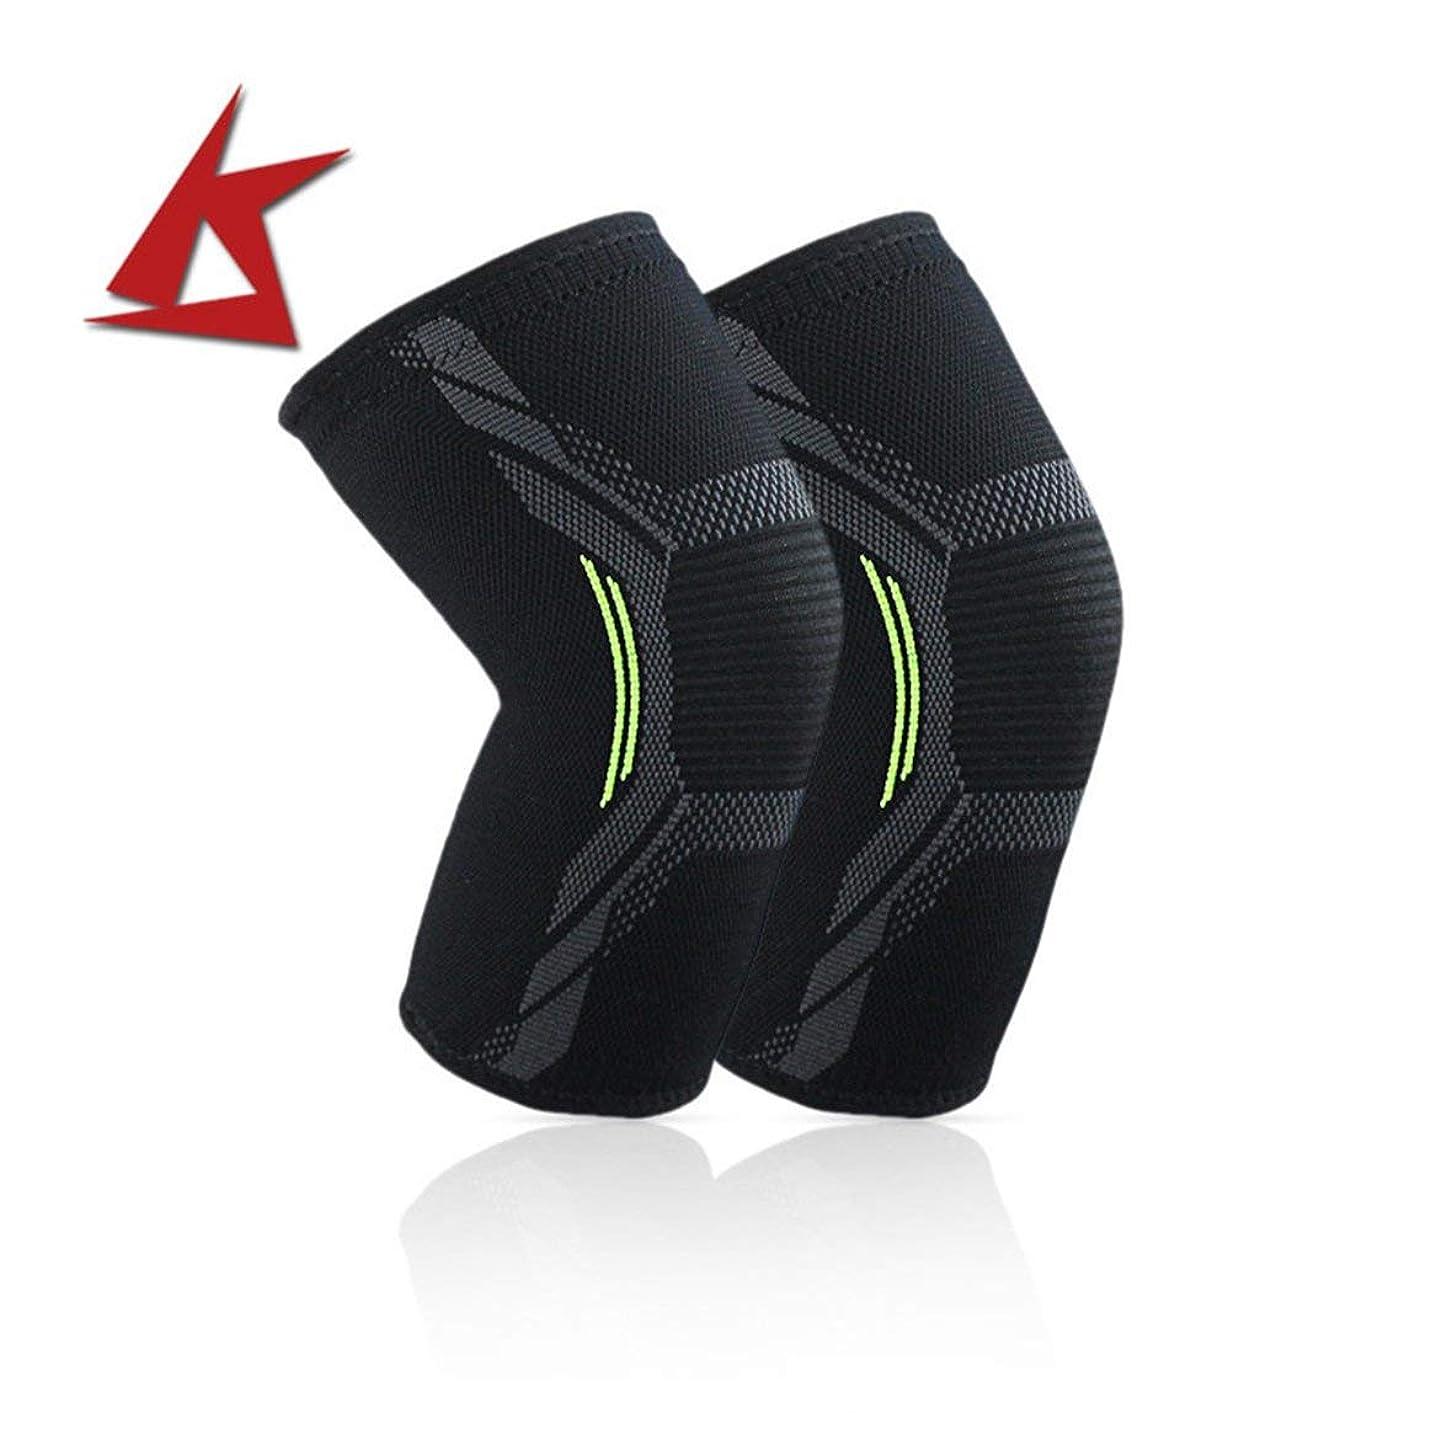 潜水艦利益南極ニット膝パッド耐久性のあるナイロン膝ブレーススポーツ保護パッド超薄型膝サポート安全膝パッド - ブラックL